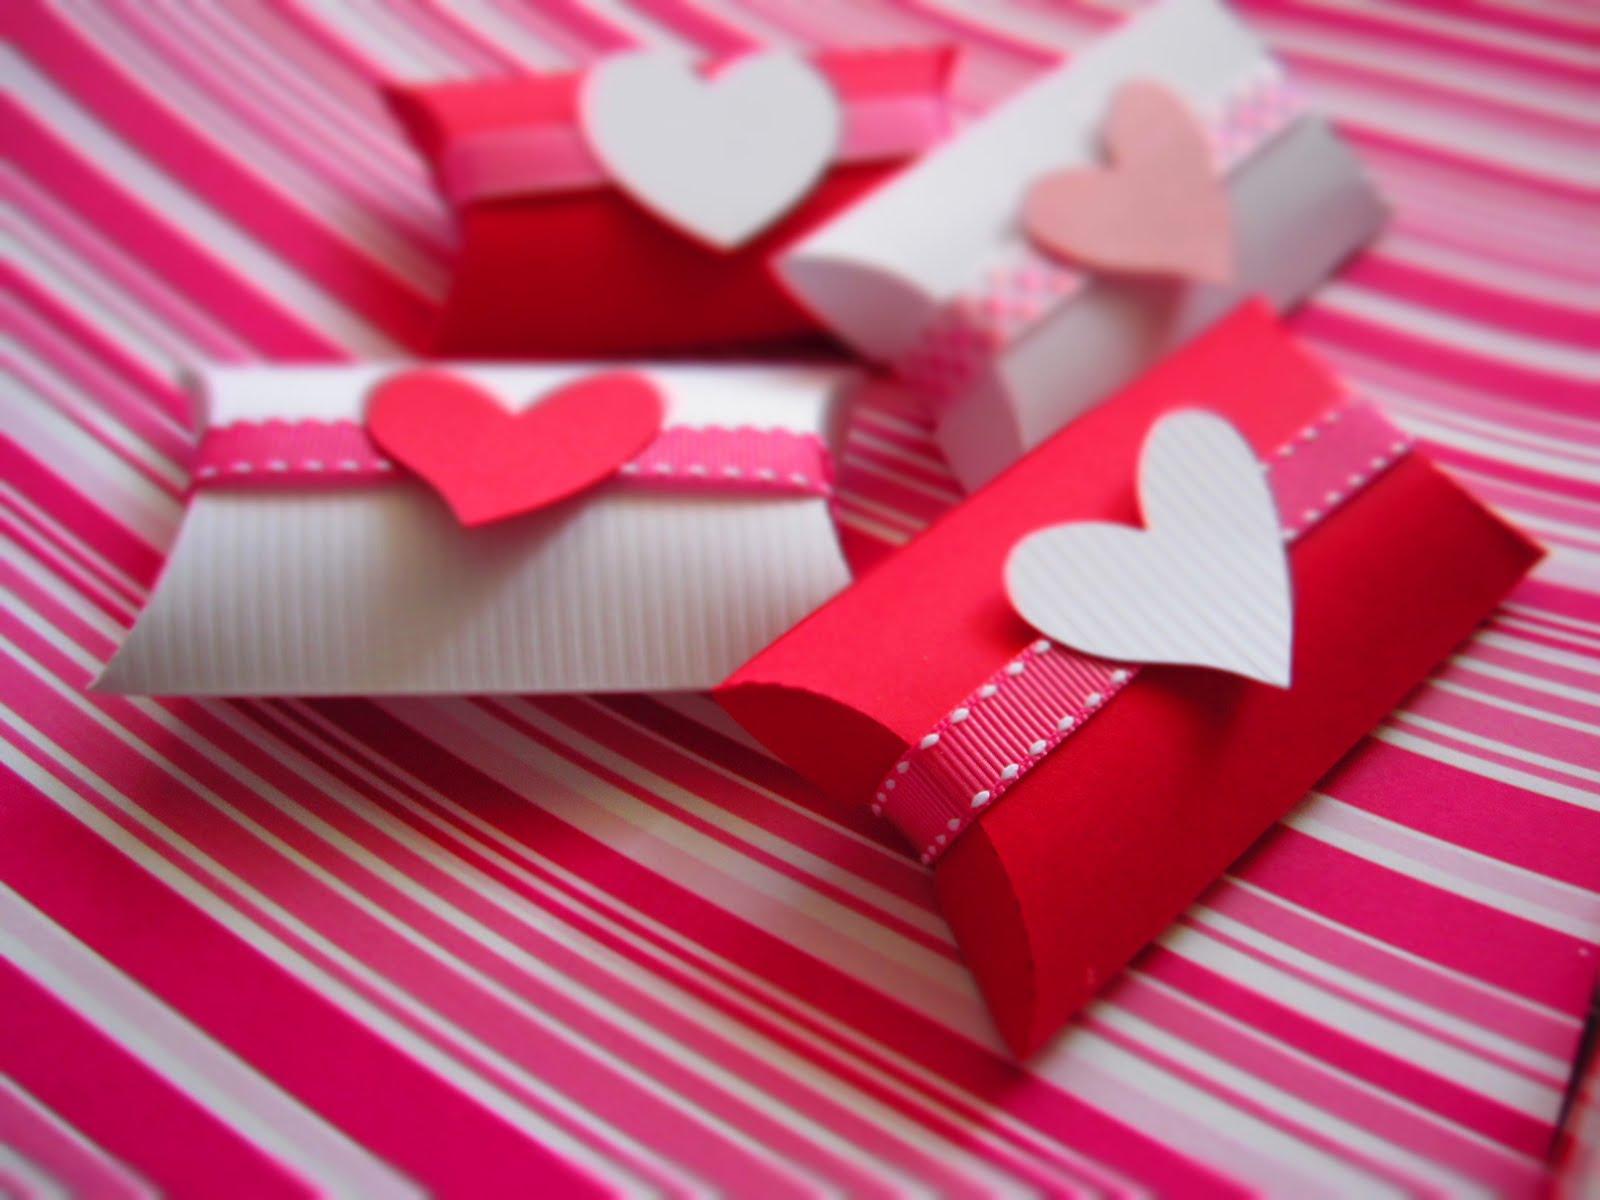 Allegro detalles que festejan amor y amistad - Detalles de decoracion ...